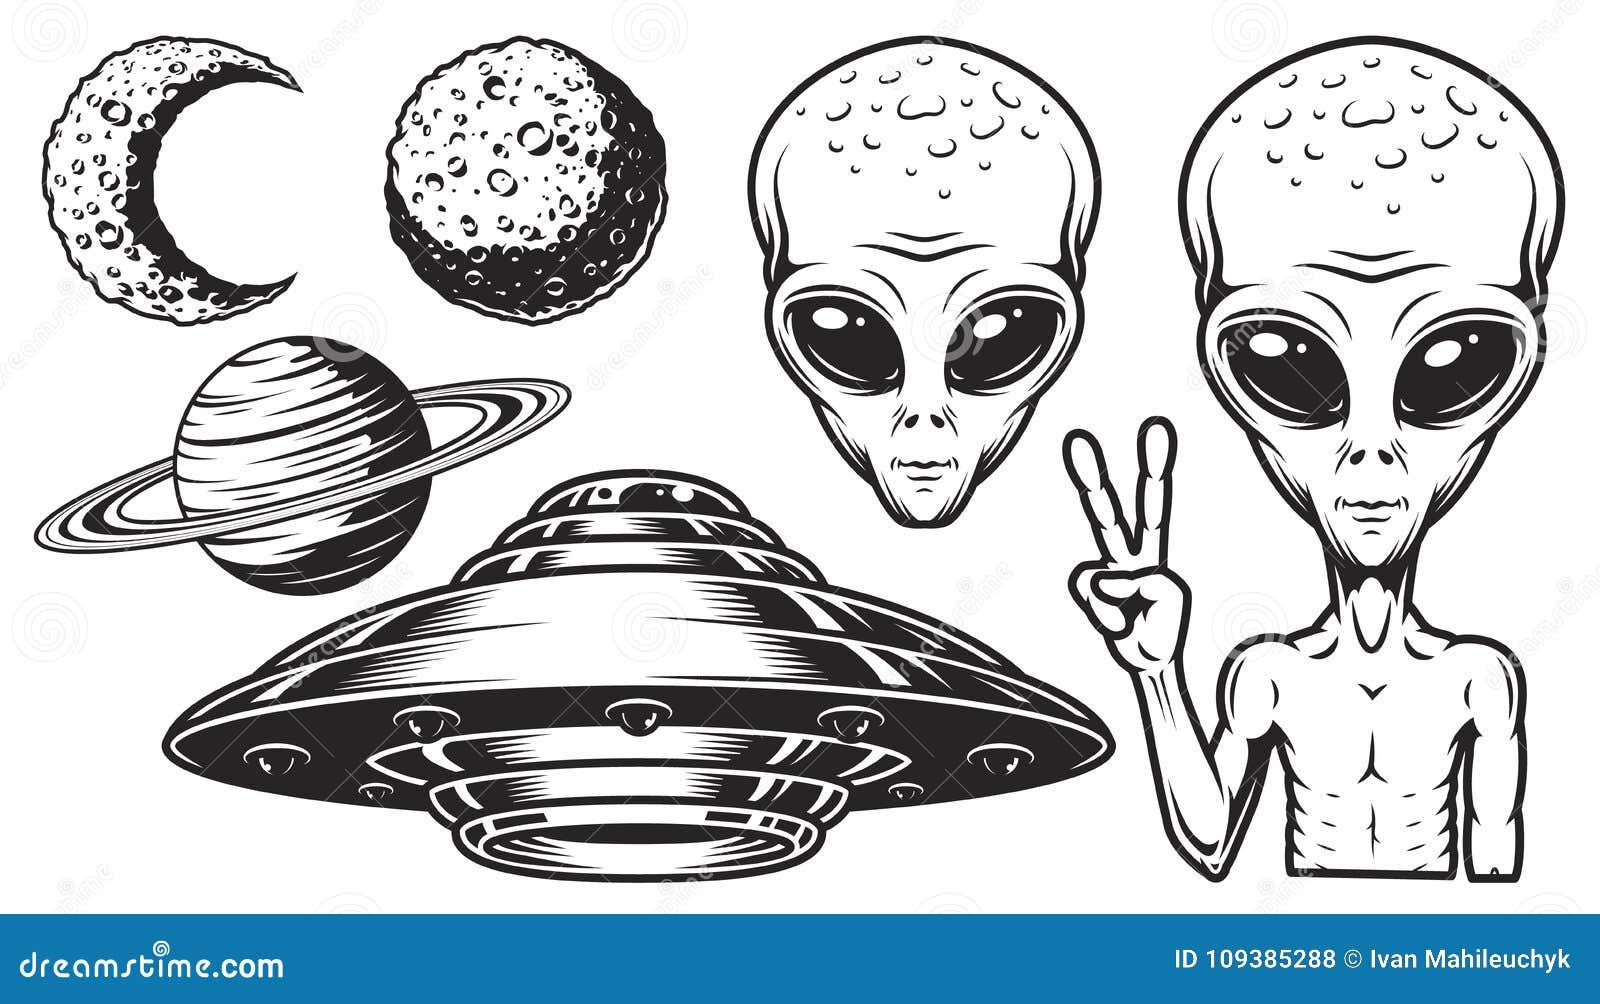 Obcy i ufo set